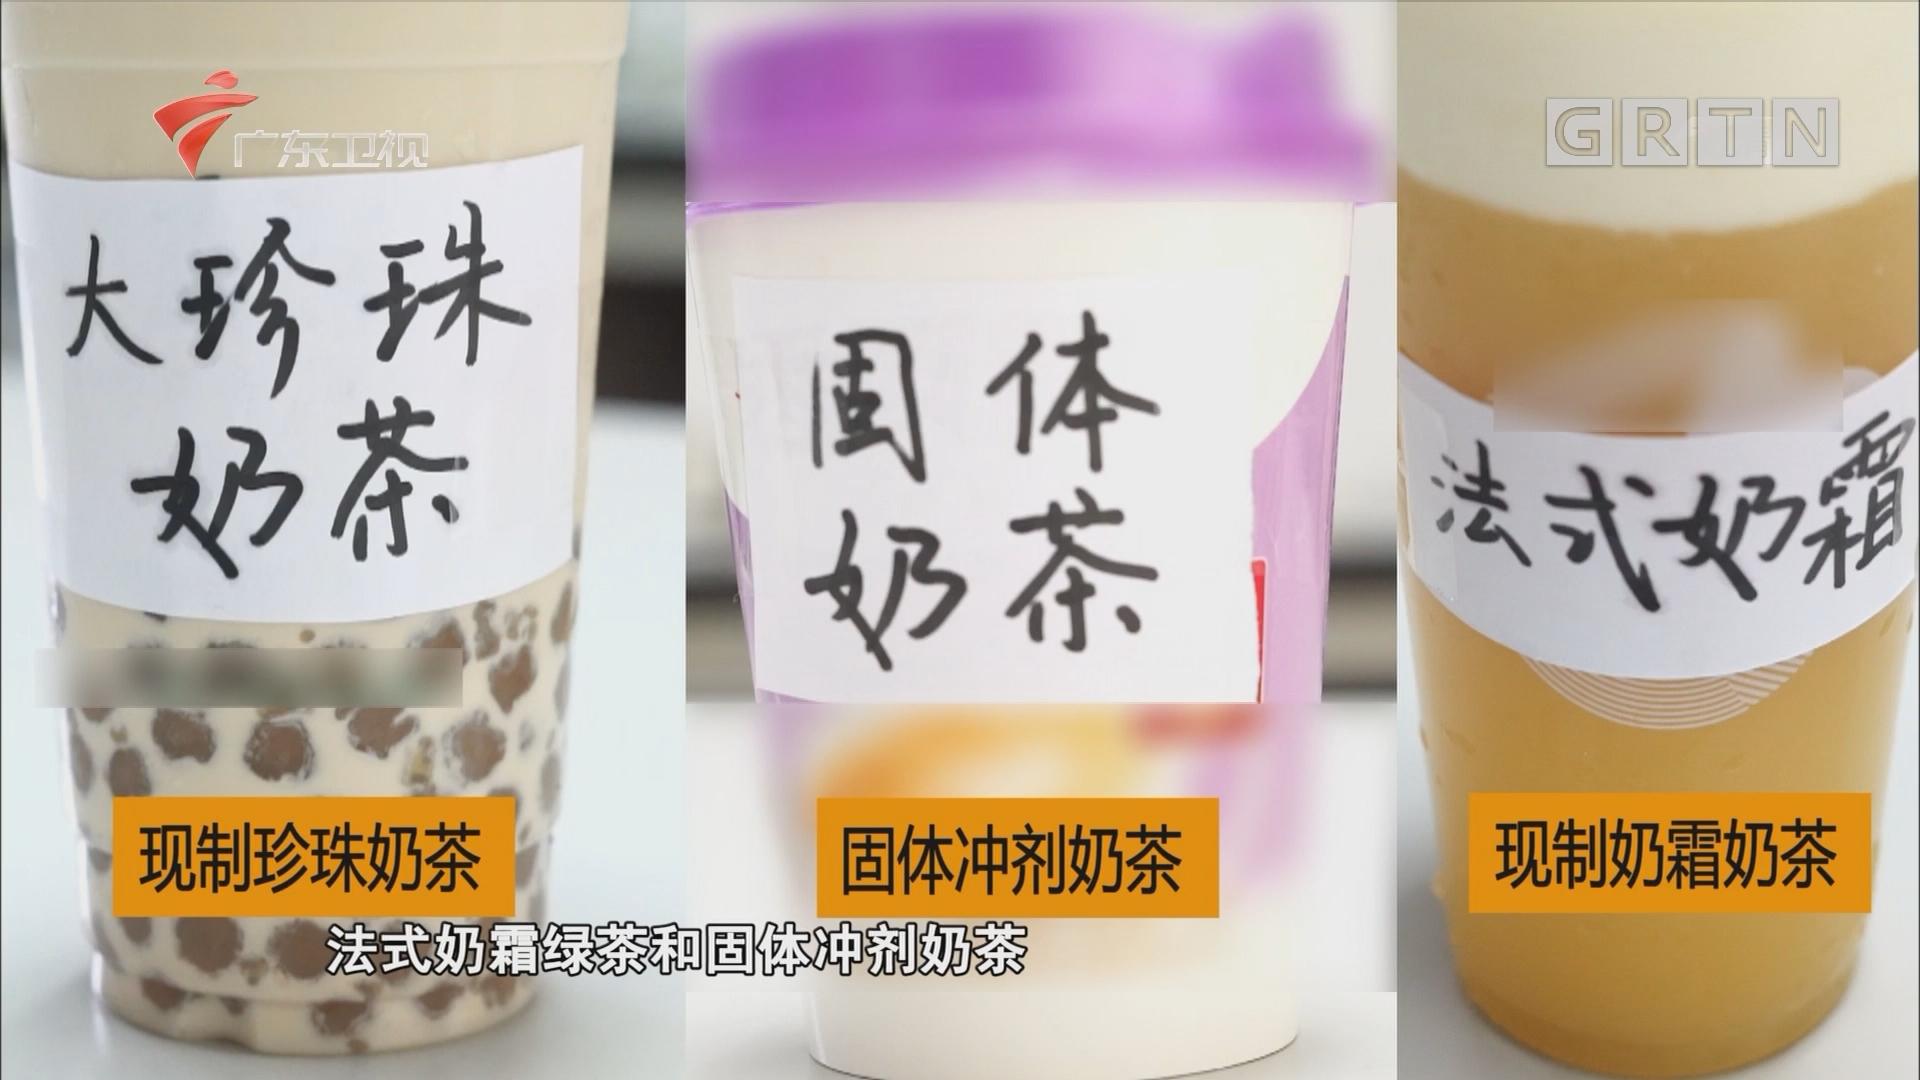 奶茶中脂肪的含量